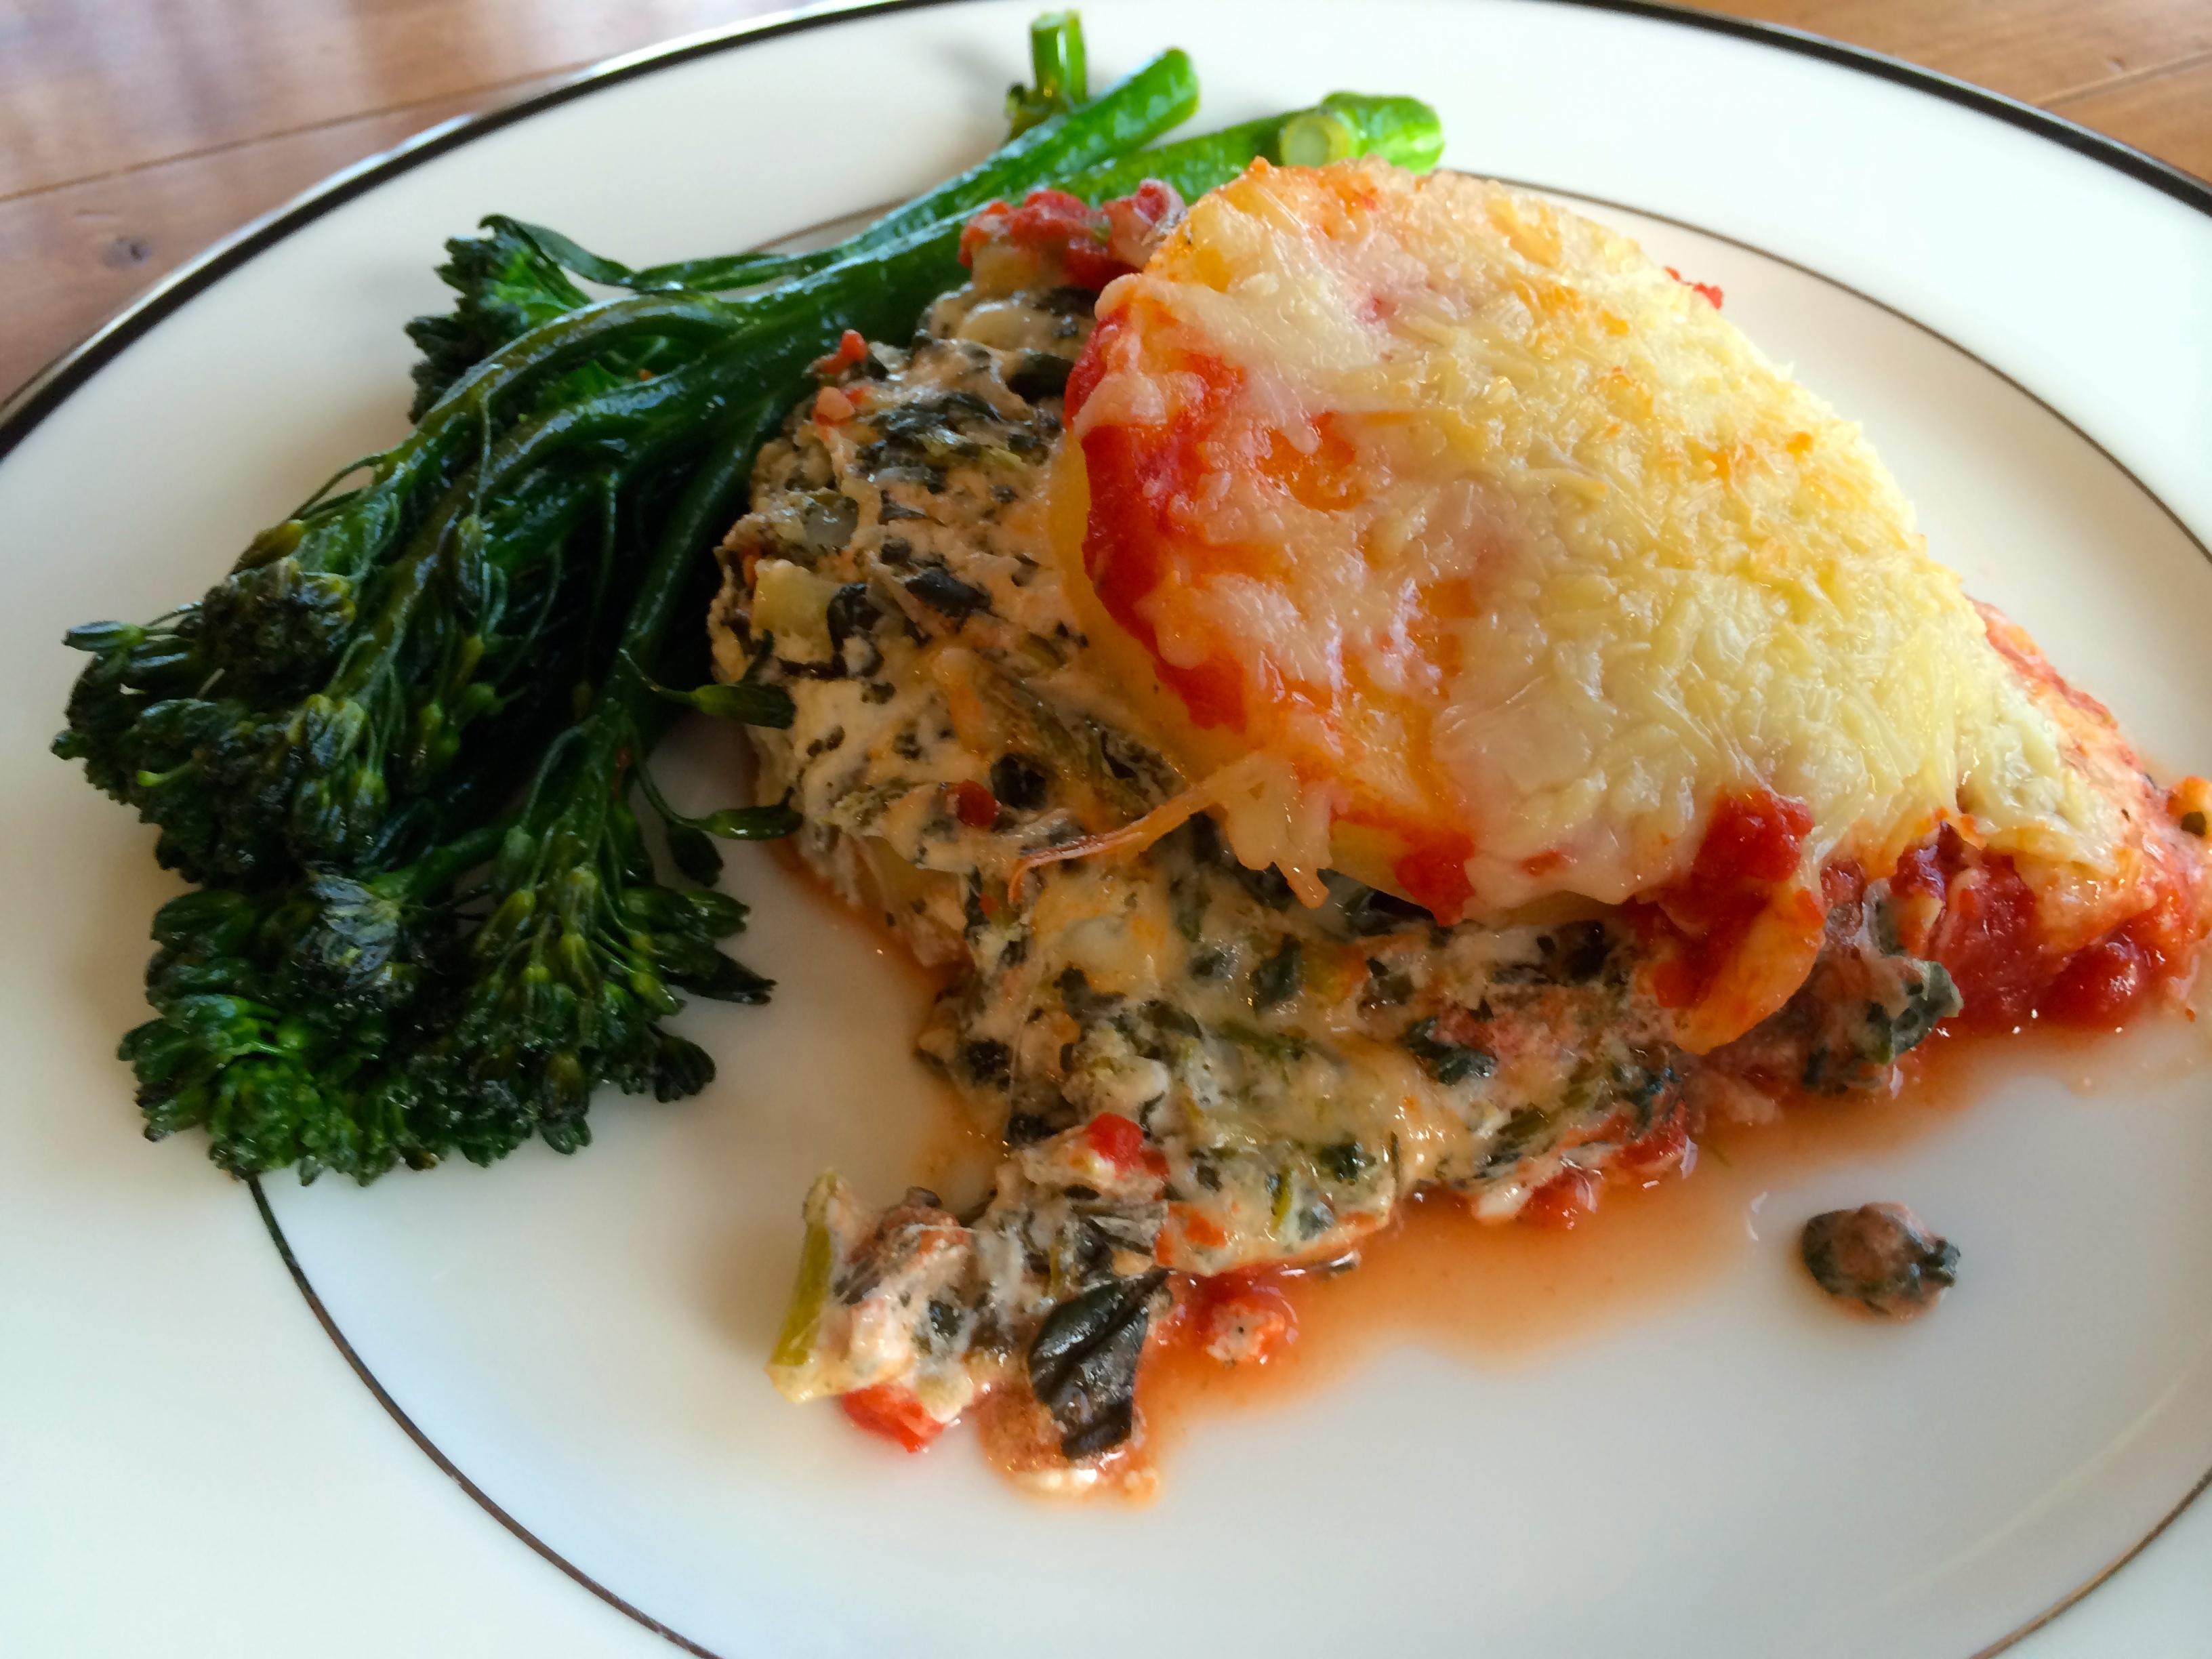 polenta lasagna recipe - photo credit - Karen Anderson